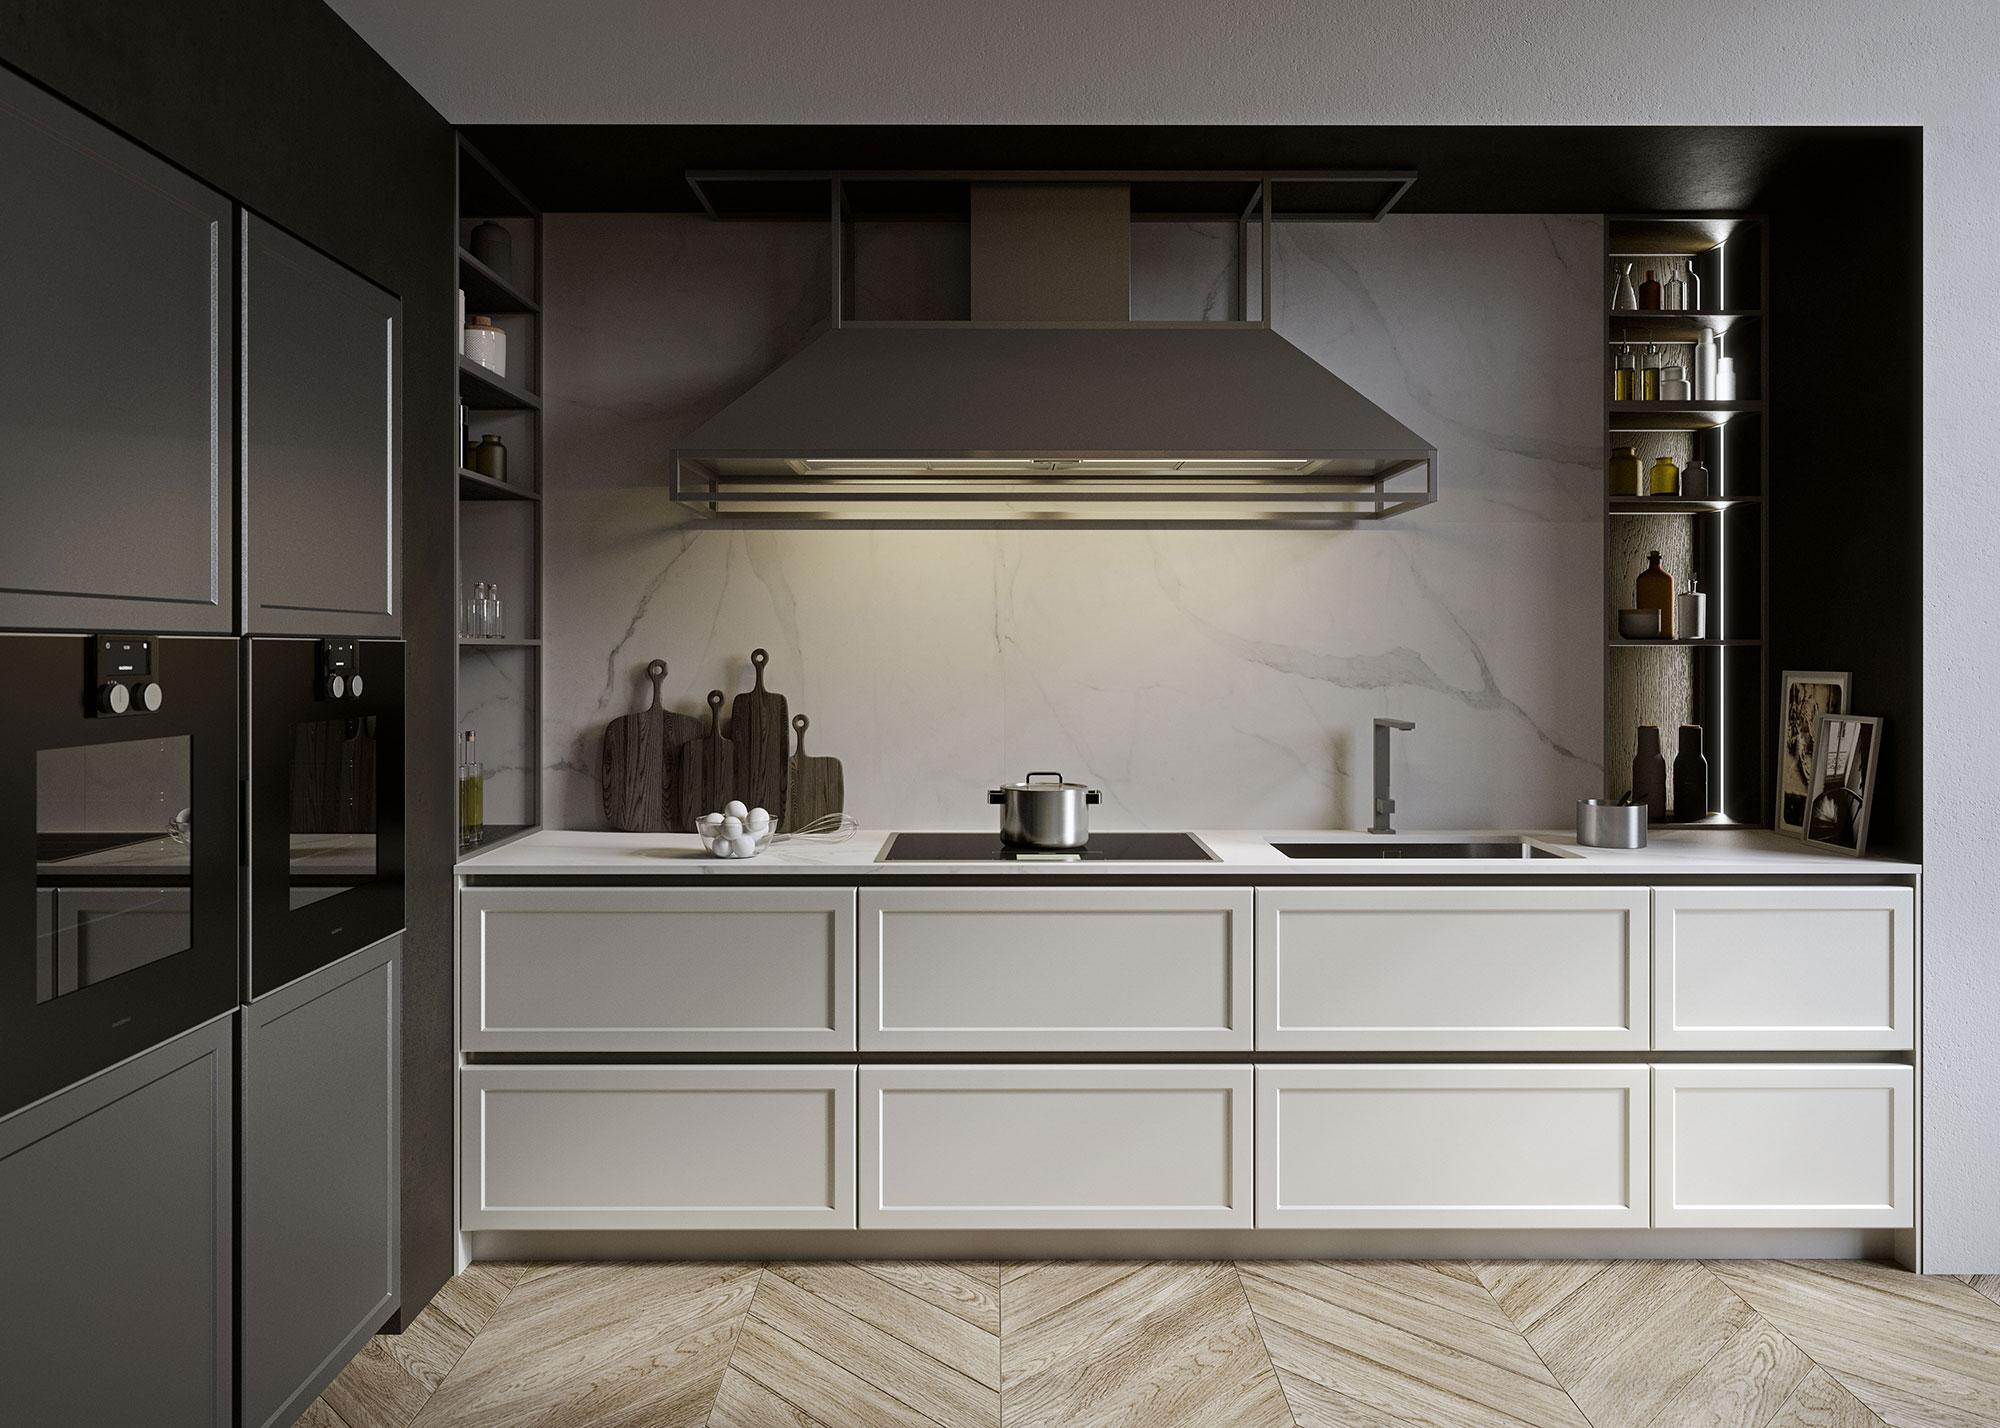 cucine-classiche-con-isola-frame-snaidero-dettaglio-6